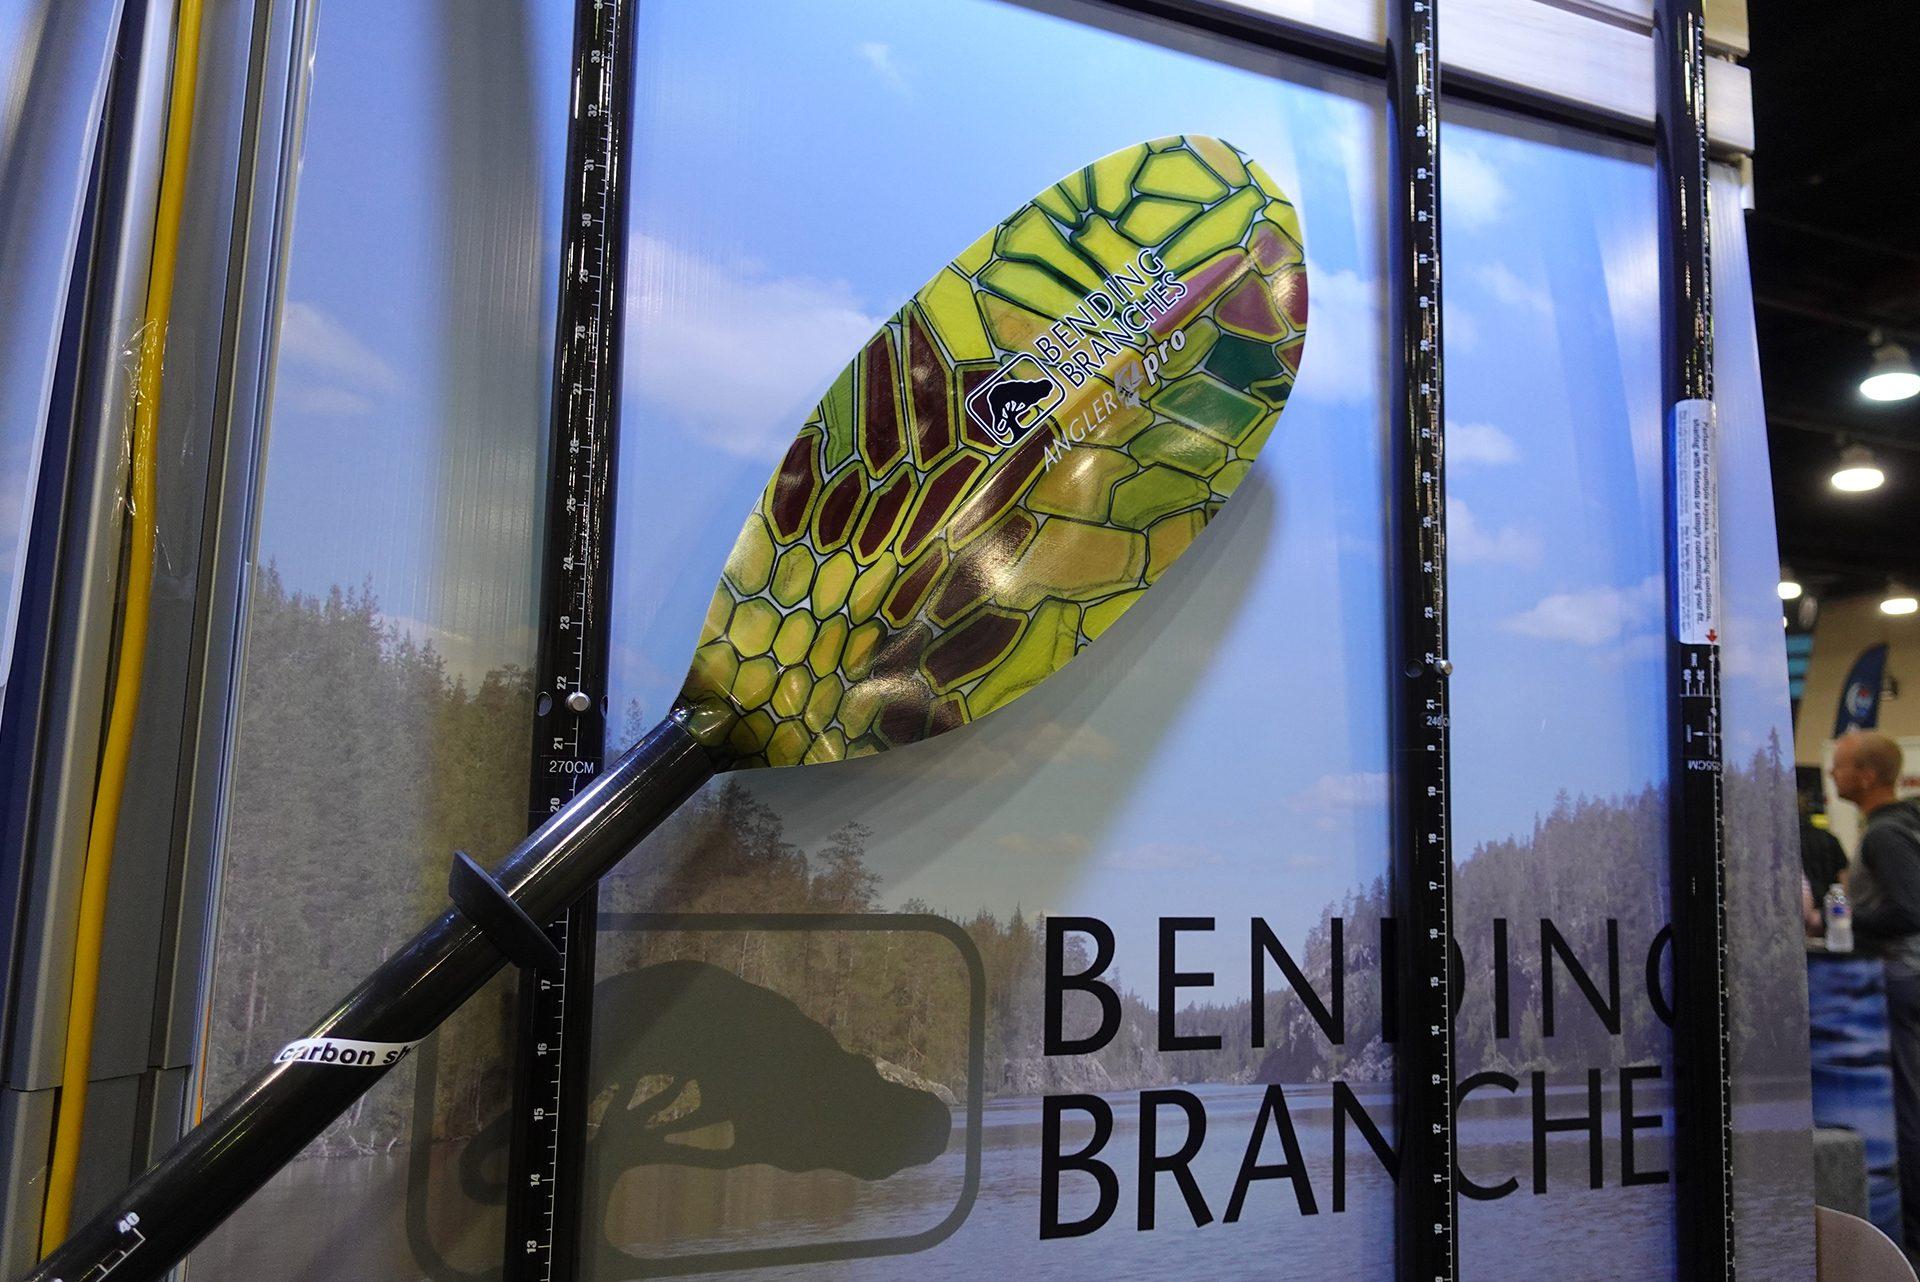 Bending Branches Angler Pro GlowTek Kayak Fishing Paddle